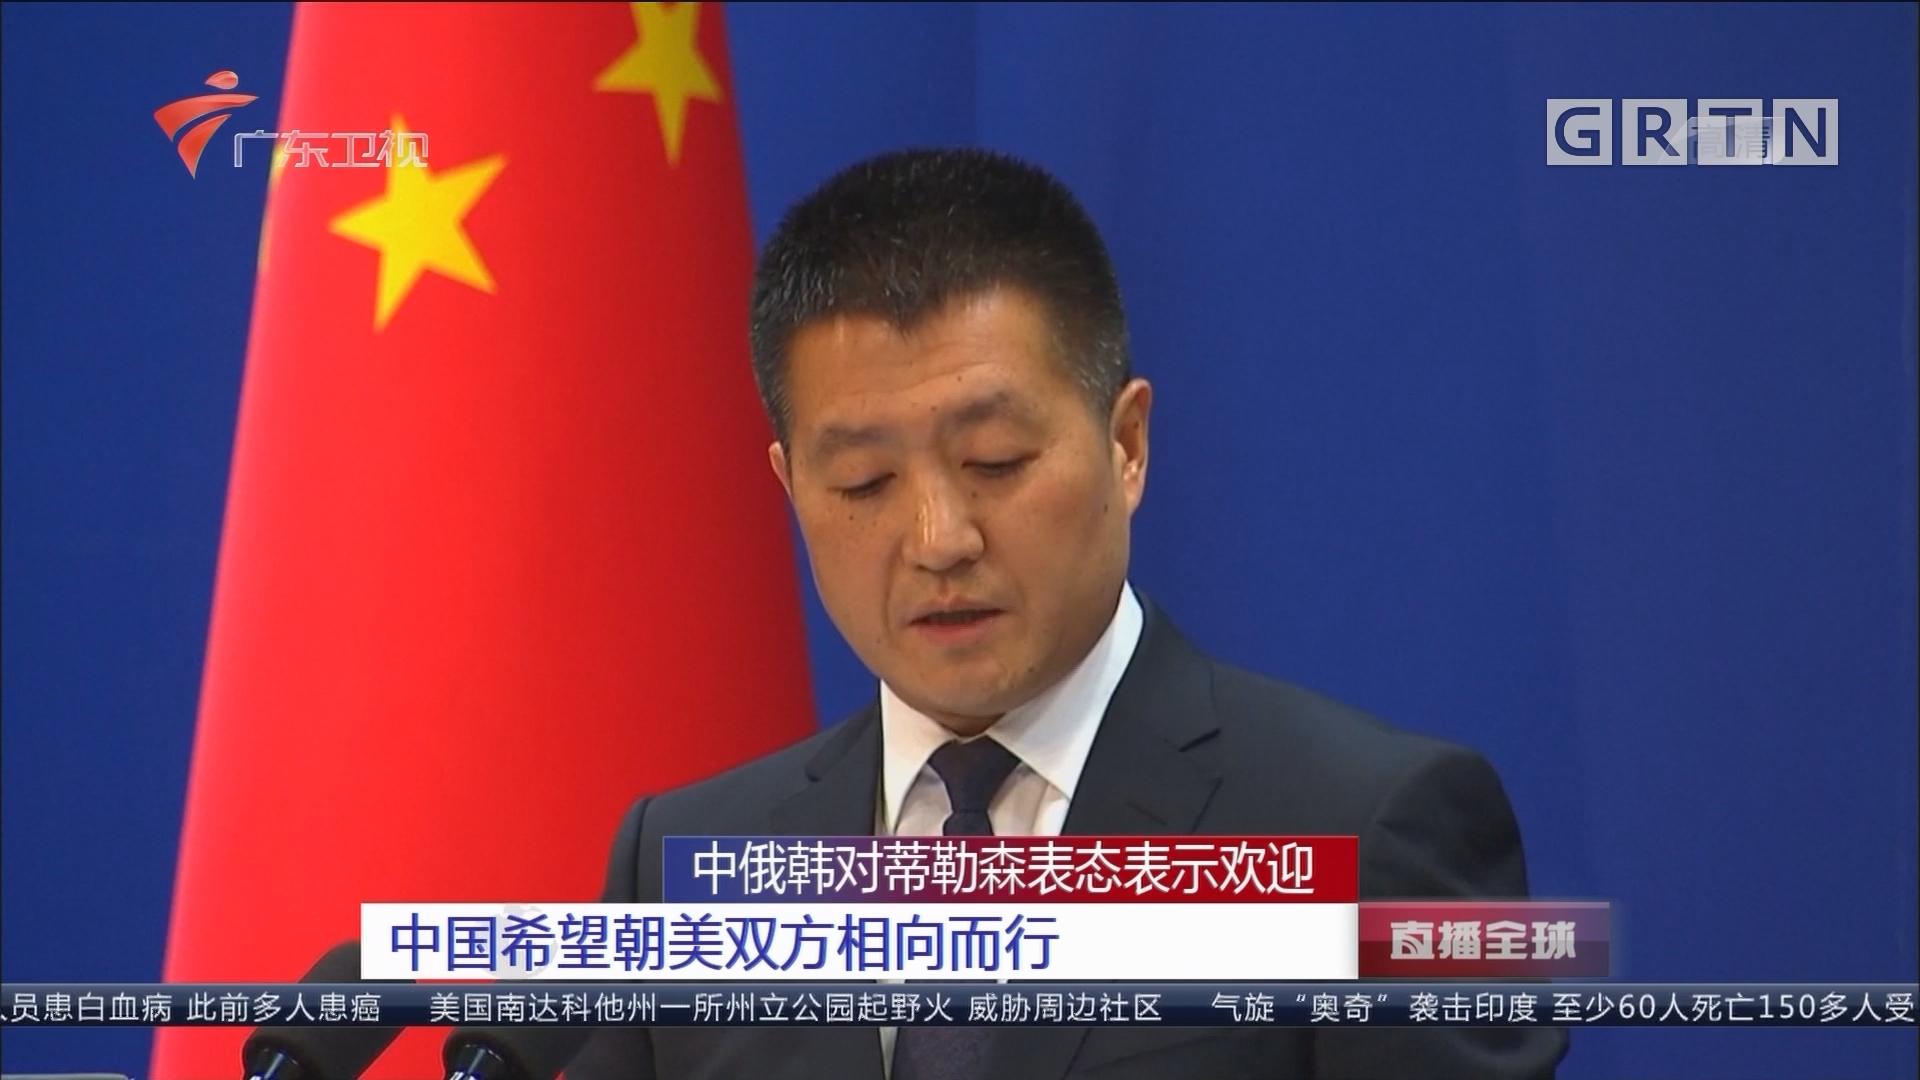 中俄韩对蒂勒森表态表示欢迎:中国希望朝美双方相向而行